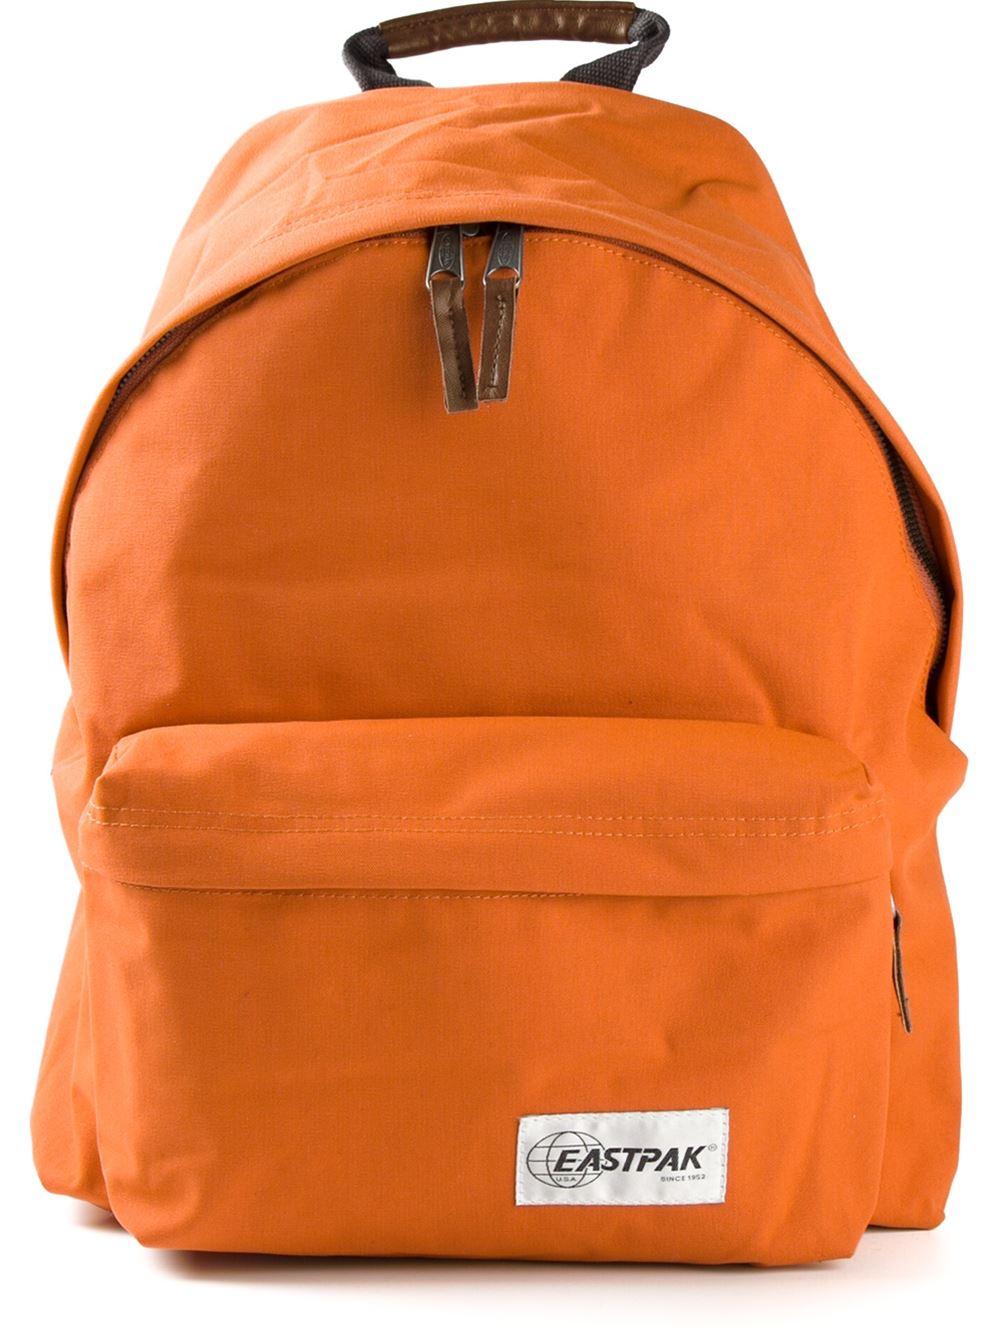 Eastpak Padded Pakr Backpack In Orange For Men Lyst